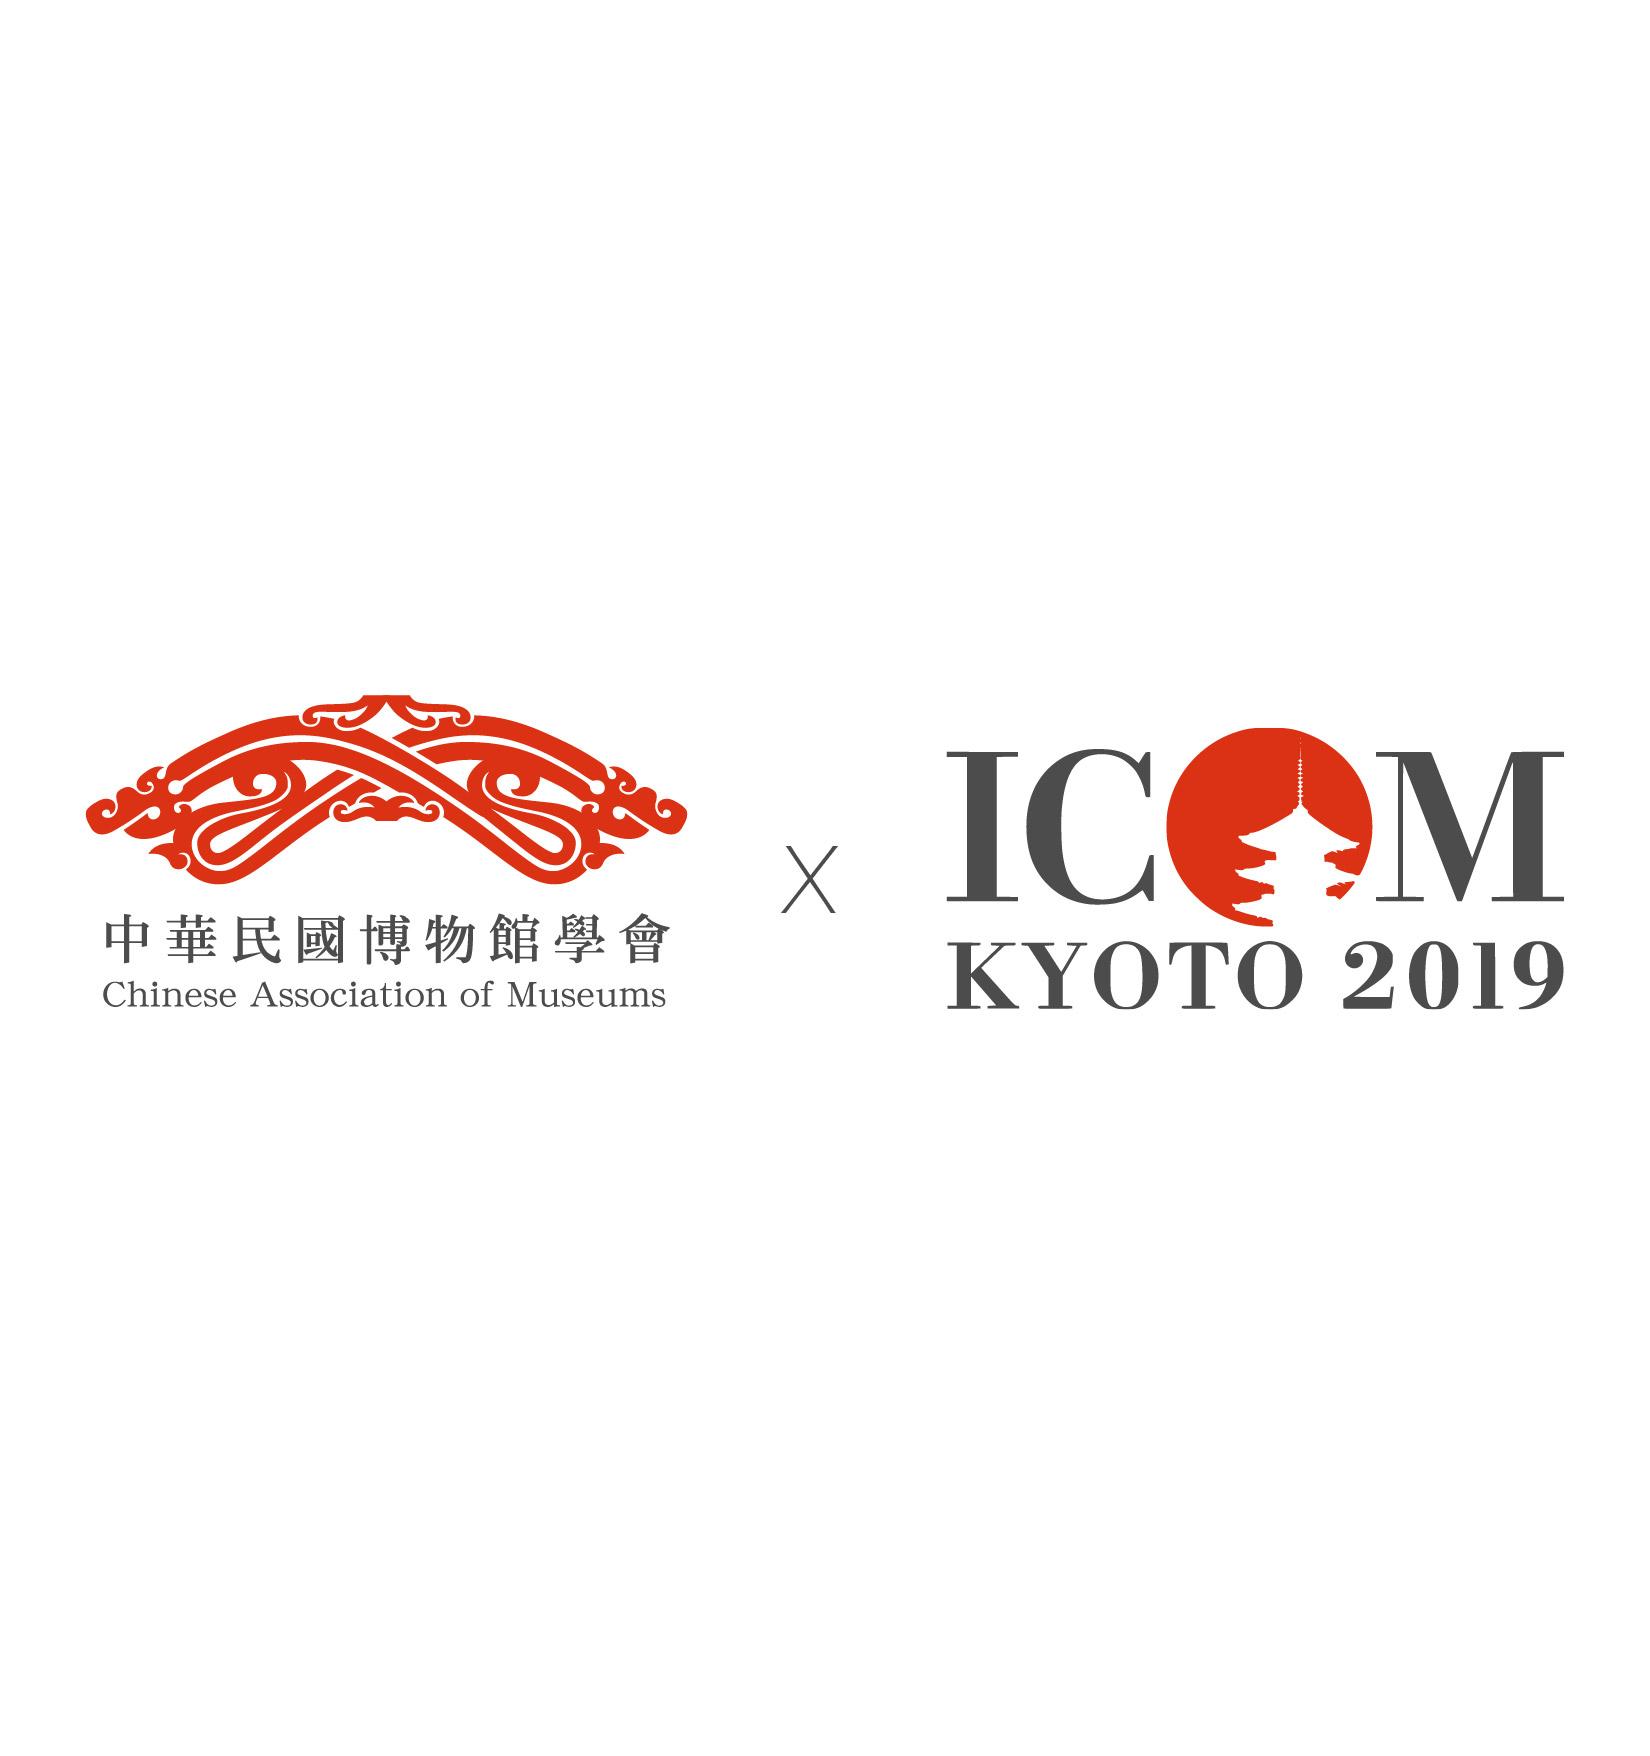 中華民國博物館學會:【2019 ICOM京都大會論文發表暨出席意向調查】